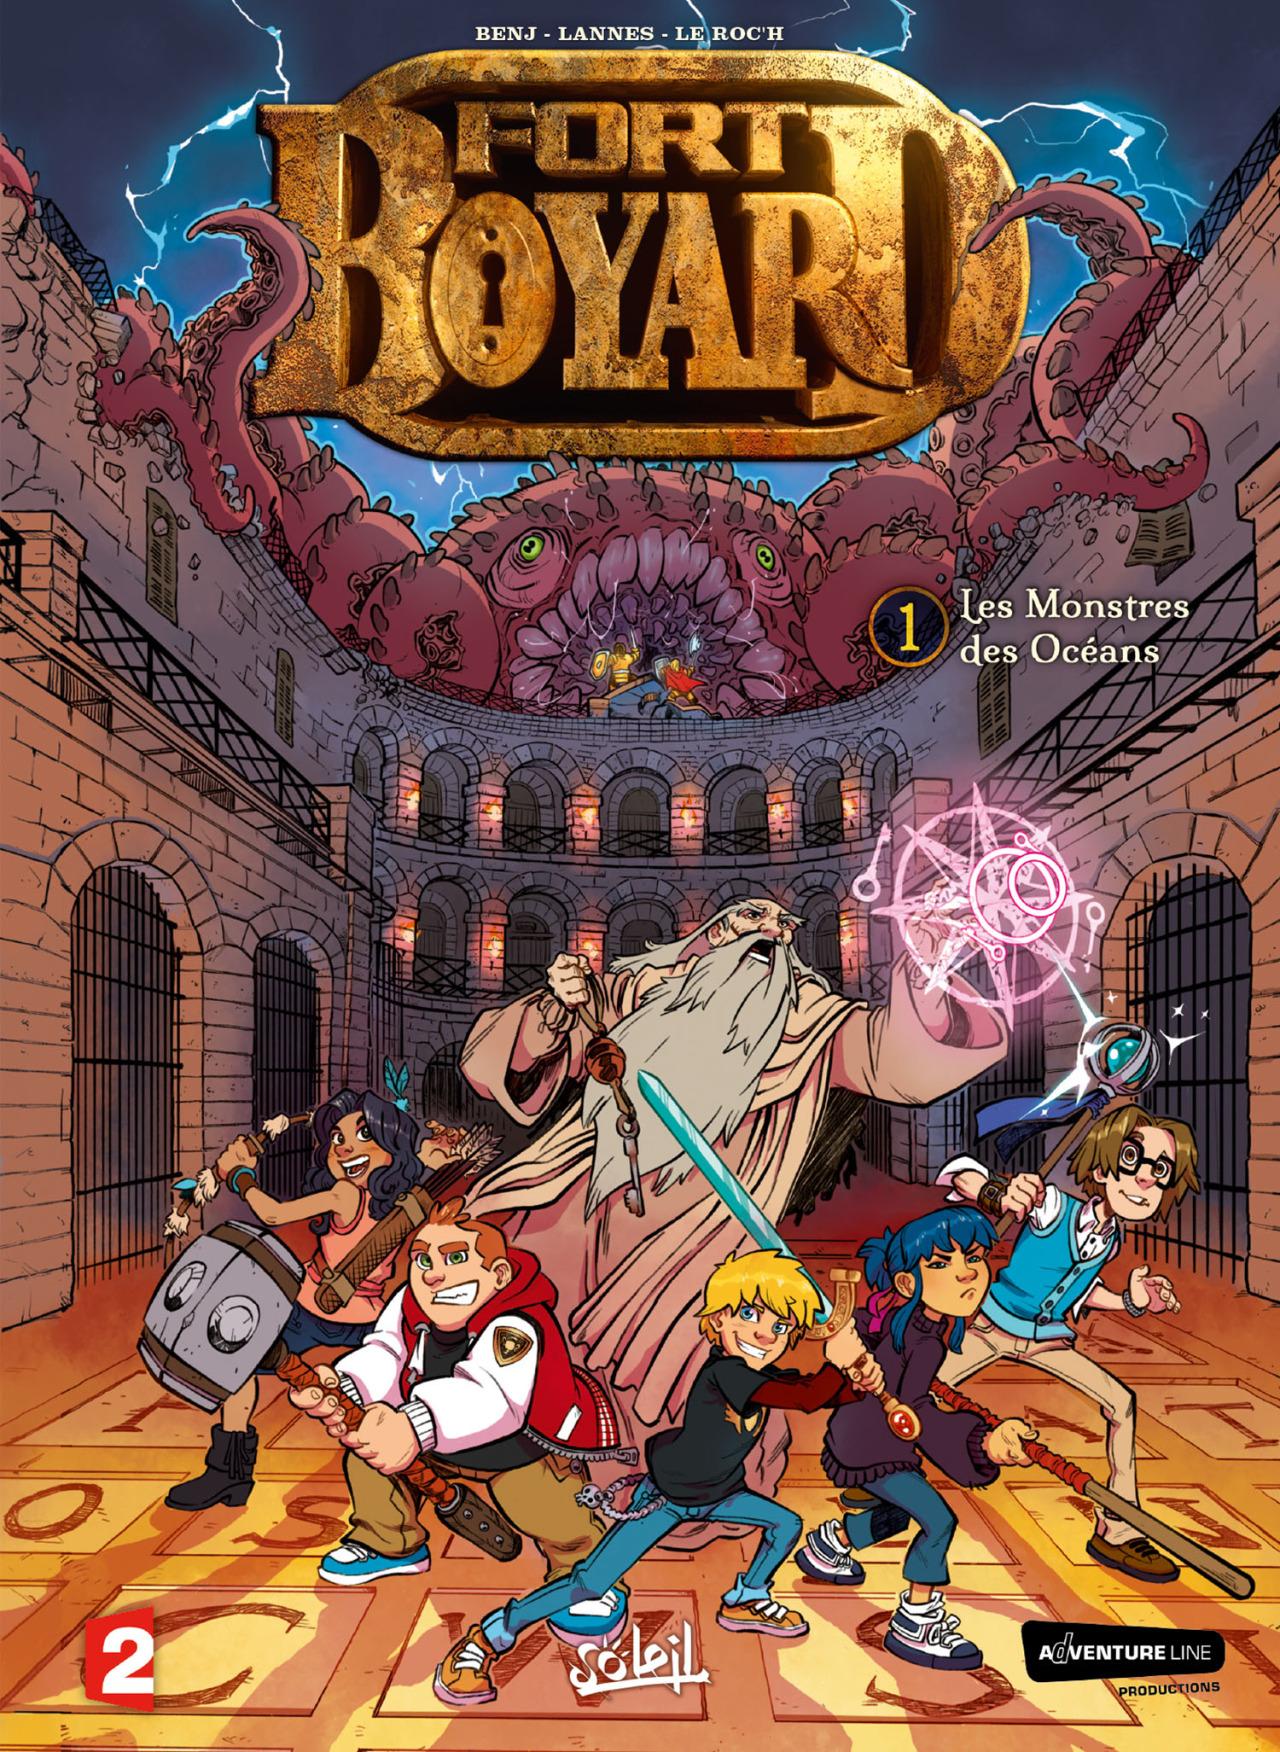 Fort Boyard - tome 1 - BenJ - Lannes - Le Roc'h - Odonne - couverture finale